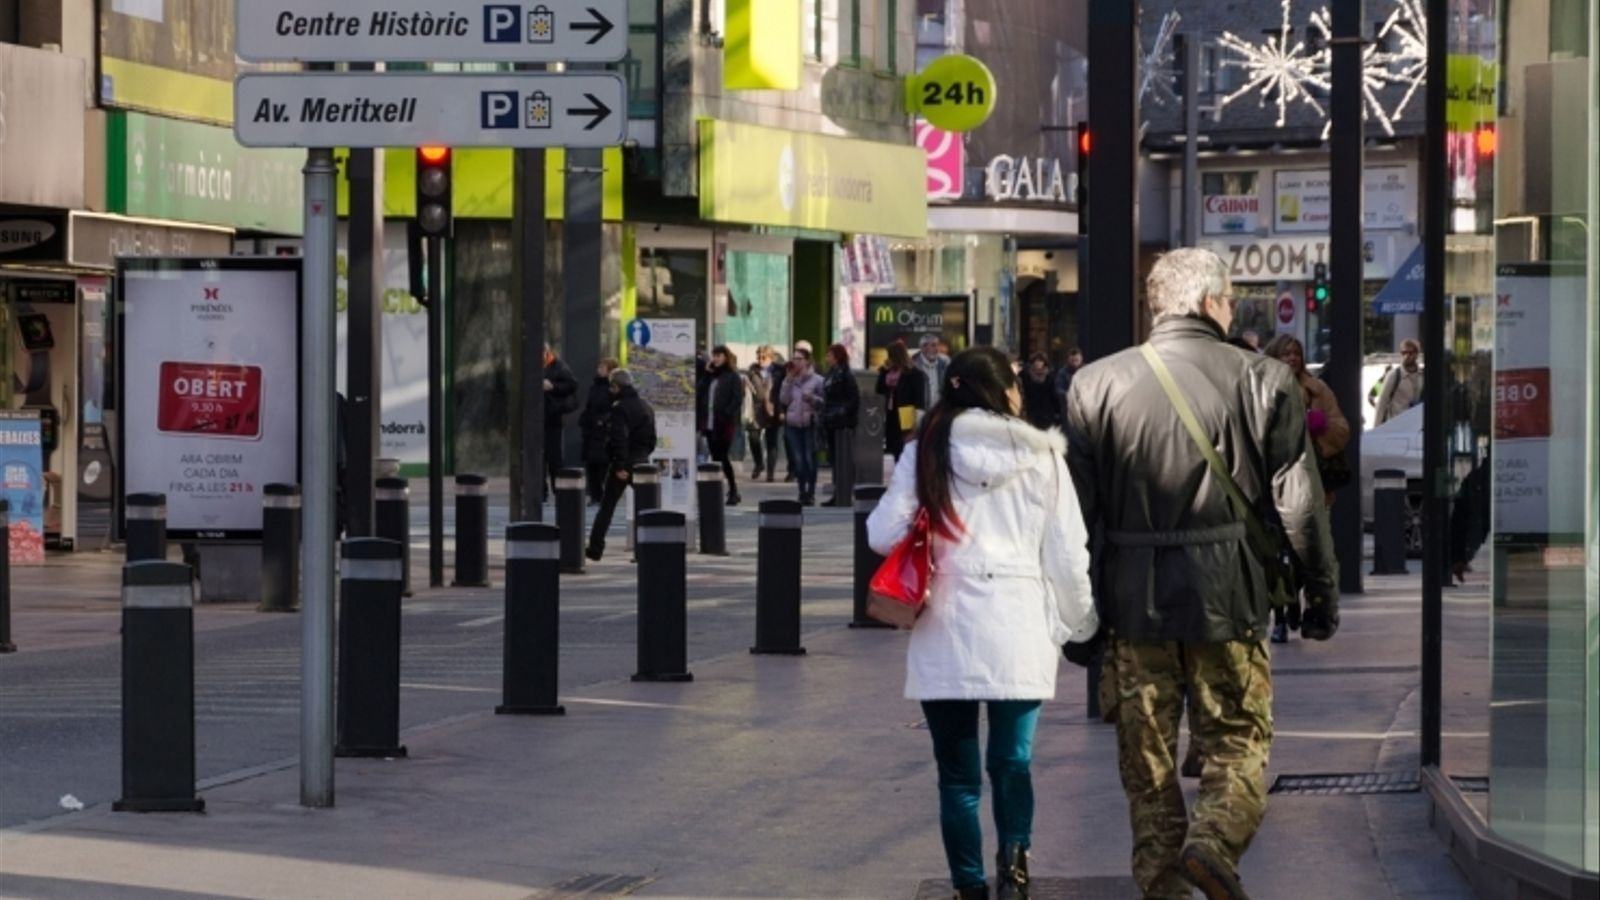 Gent passejant per l'avinguda Meritxell. / ANA